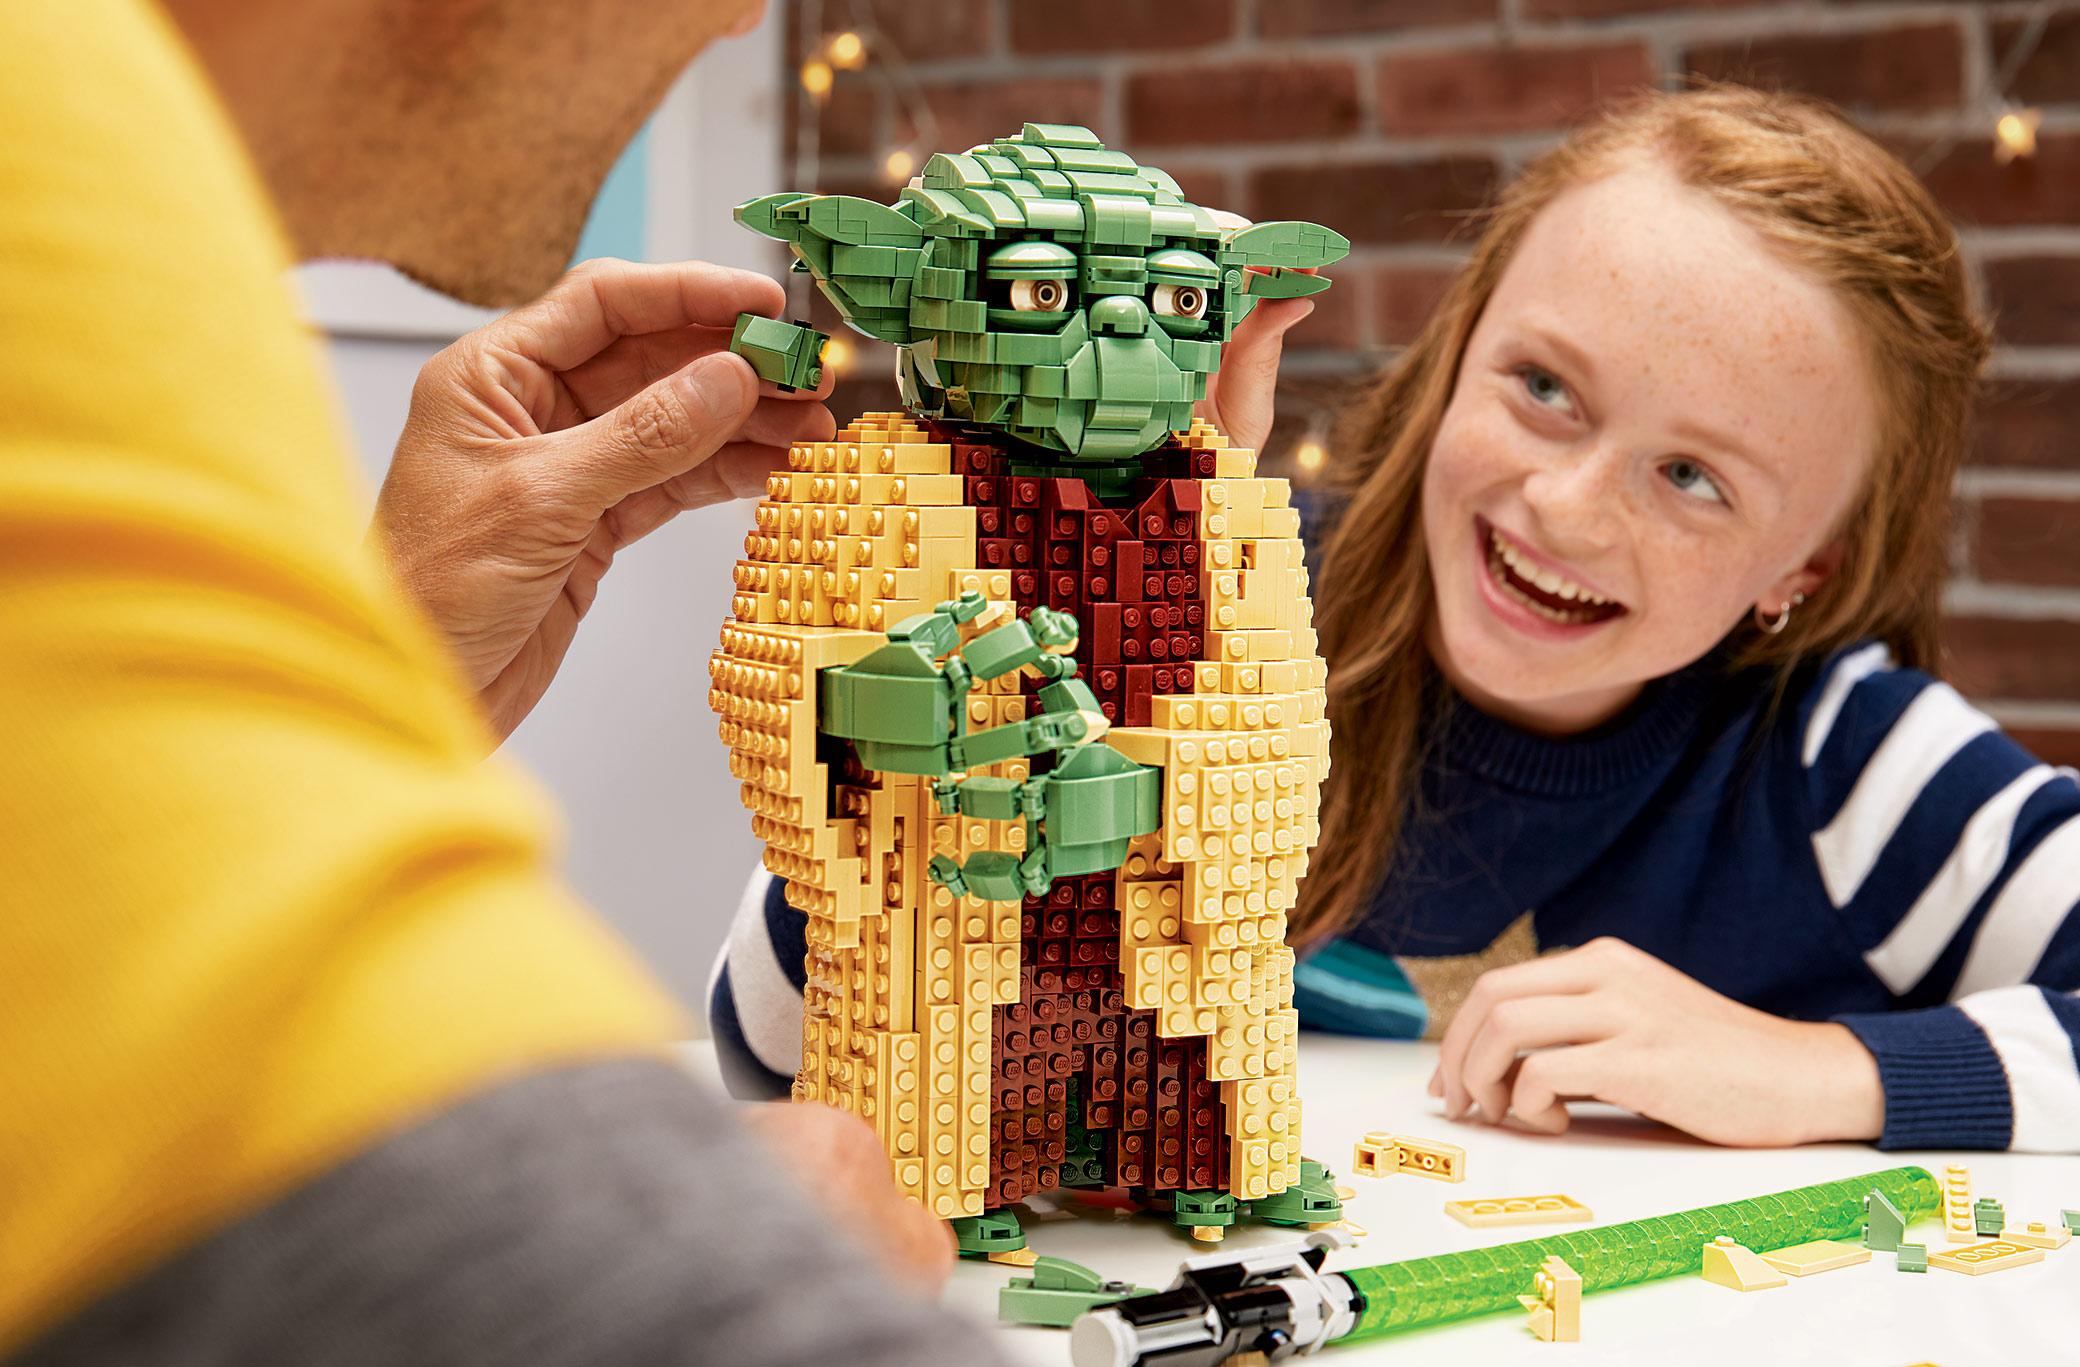 StarWarsYoda-Lego_LS_2080x1367